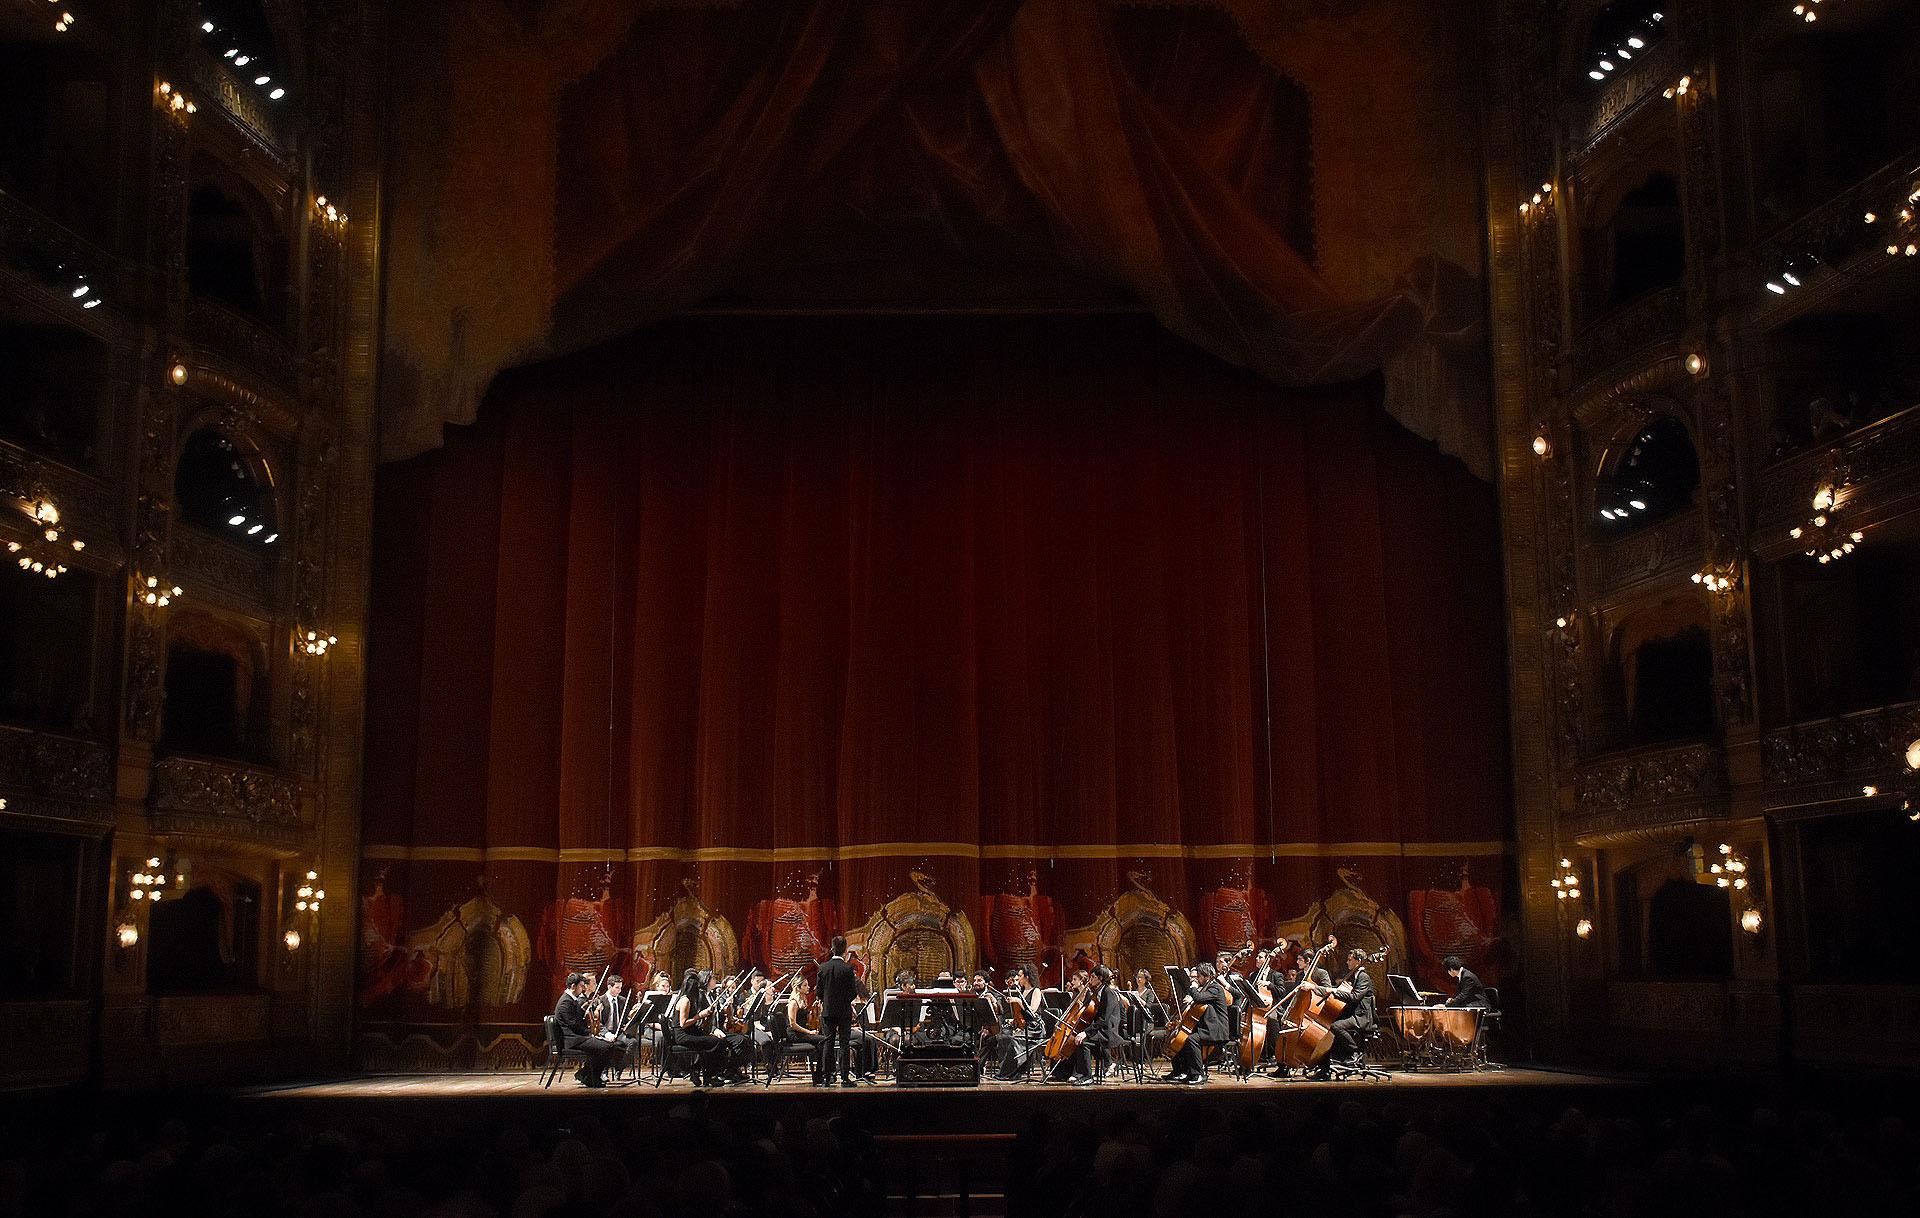 En el marco del 75° Aniversario de ALPI, la gala lírica de este año presentó escenas de óperas de Mozart con solistas de canto, acompañados por la Orquesta Académica del Instituto Superior de Arte del teatro, bajo la dirección de Ezequiel Silberstein